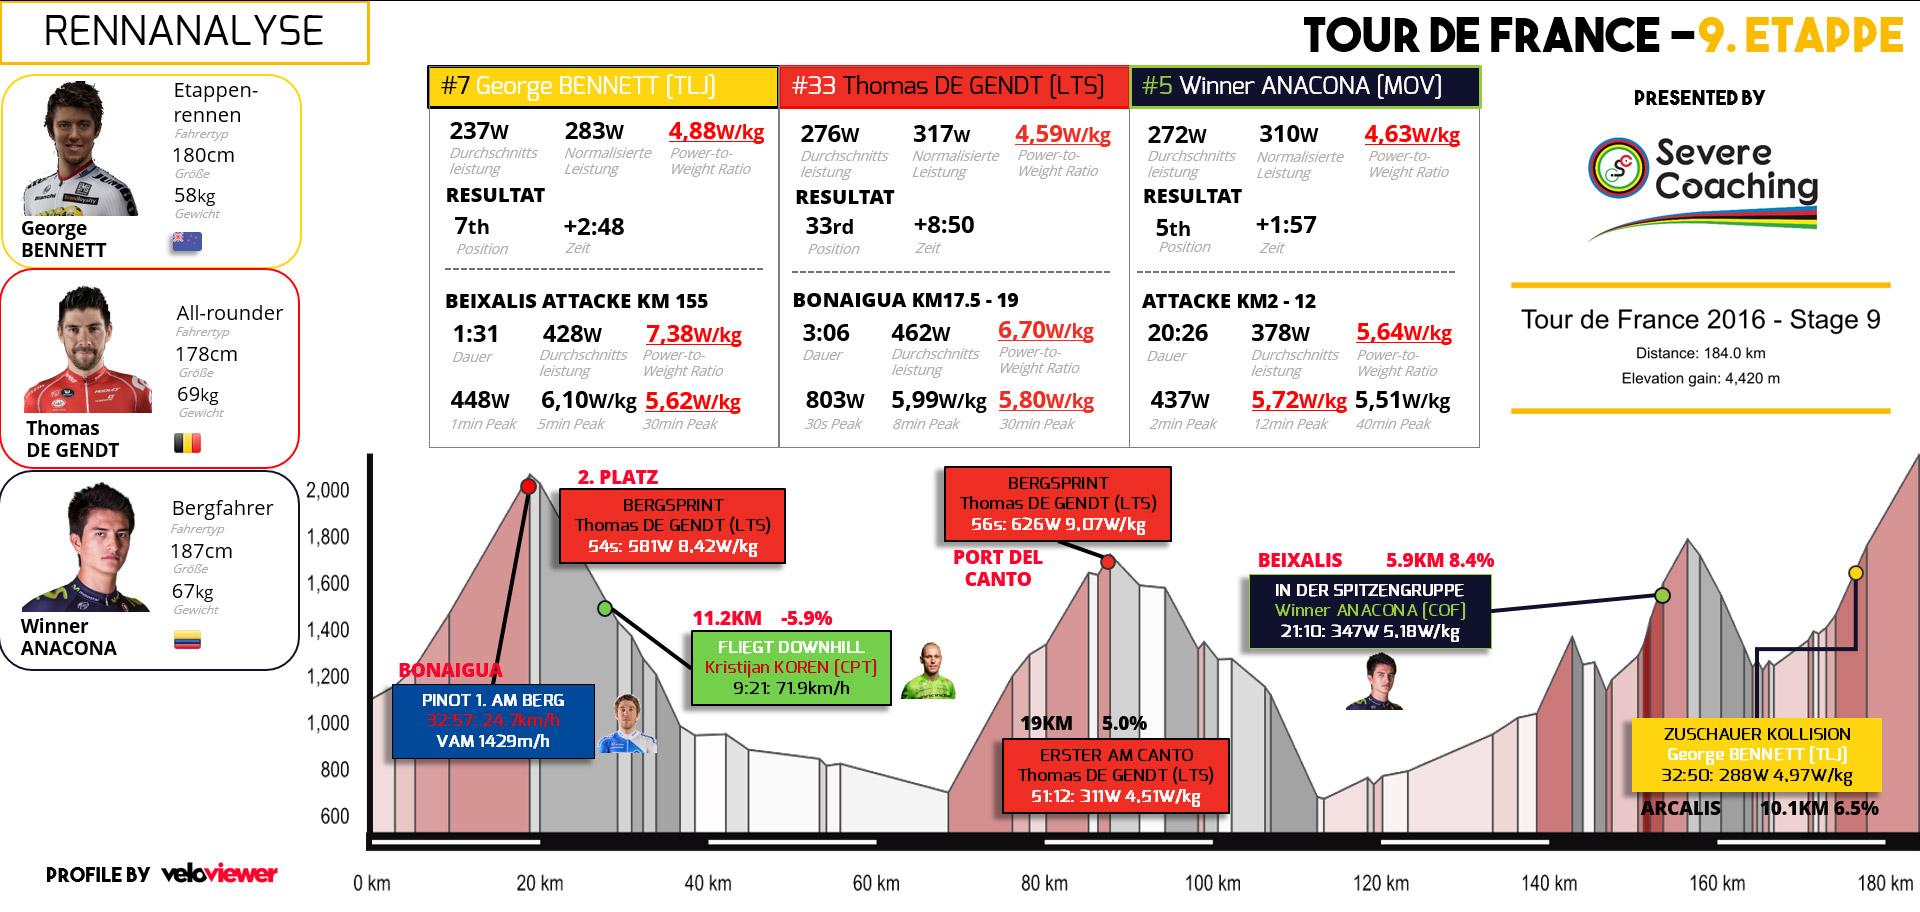 Tour De France Die Leistungsdaten Der Profis In Den Pyrenäen